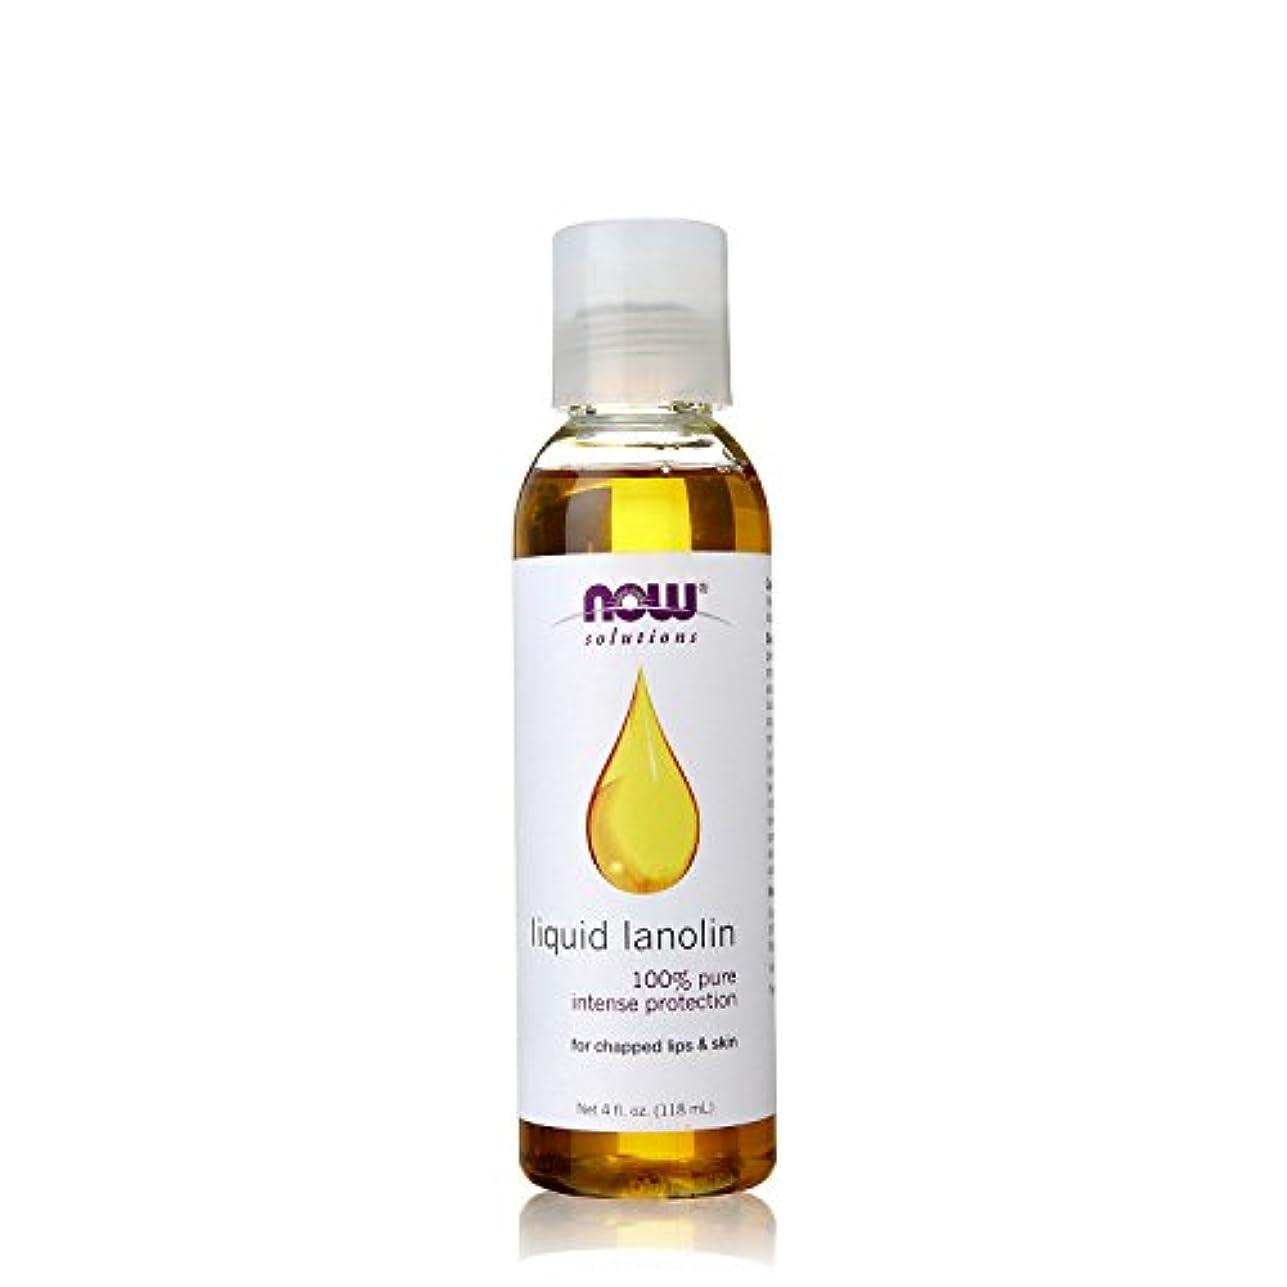 フルートマーチャンダイザー速報NOW Foods - 液体のラノリン 100% Pureの - 4ポンド [並行輸入品]